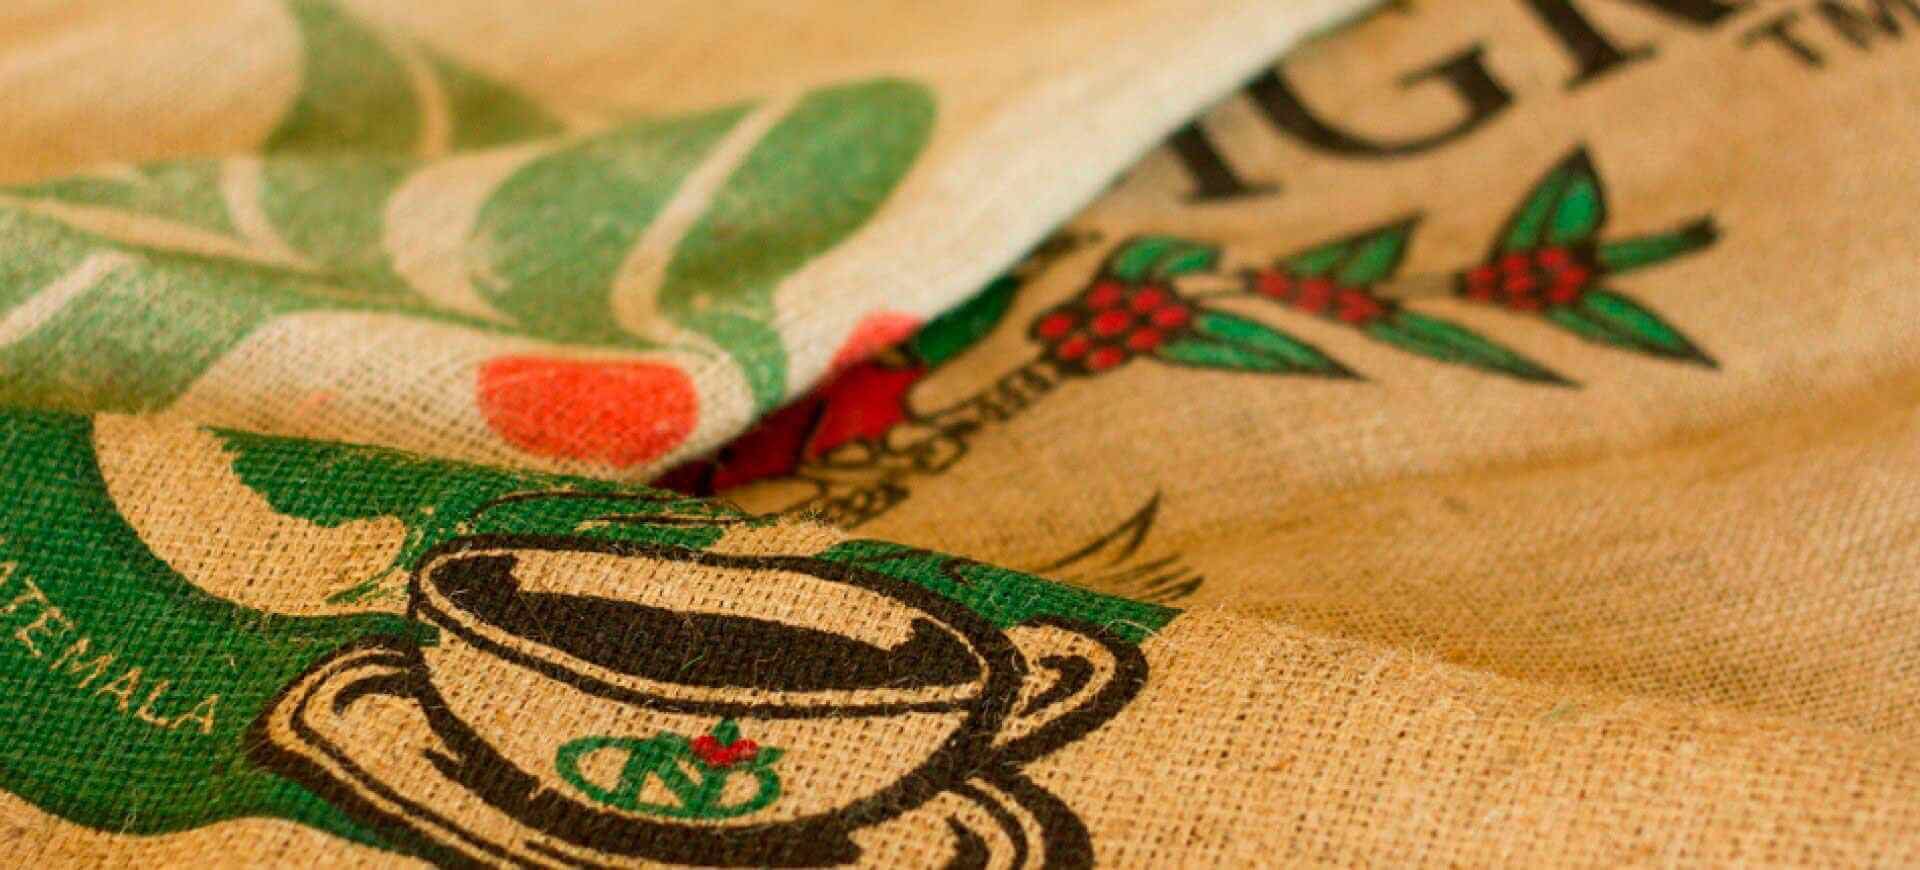 d845ad850 Deyute, tienda online de tela de saco o arpillera de yute